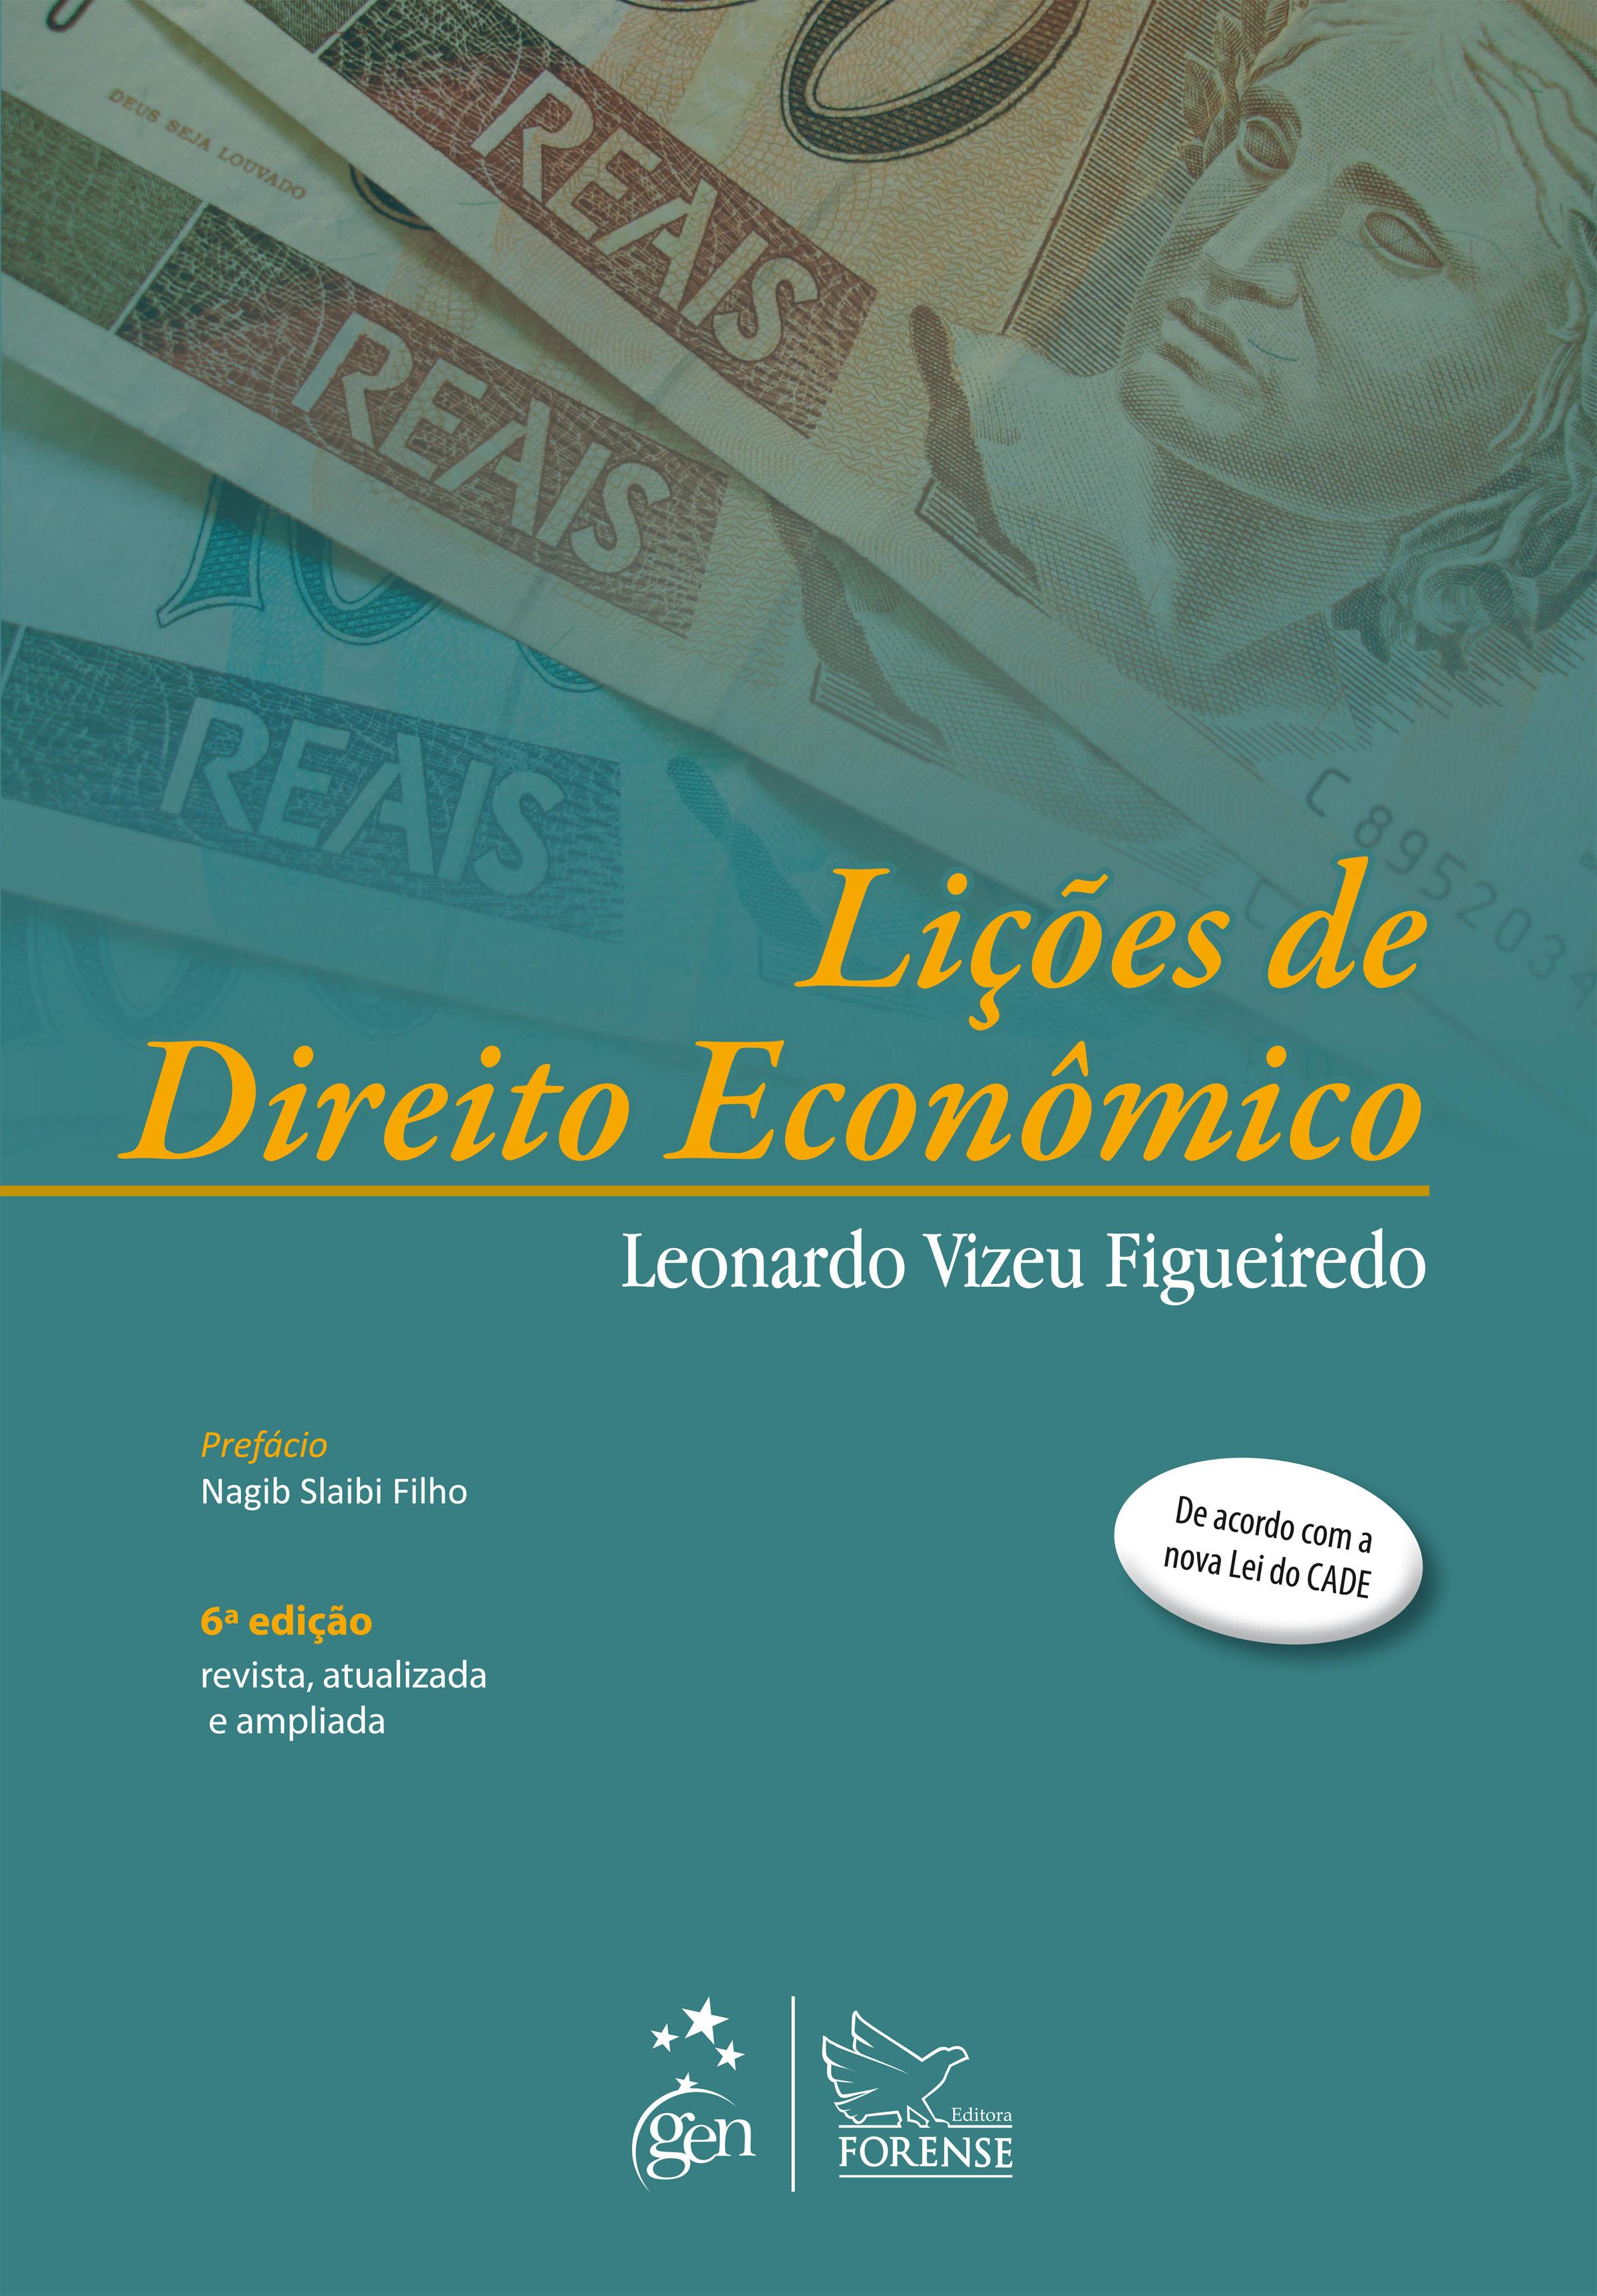 capa6ed_LicoesEconomico